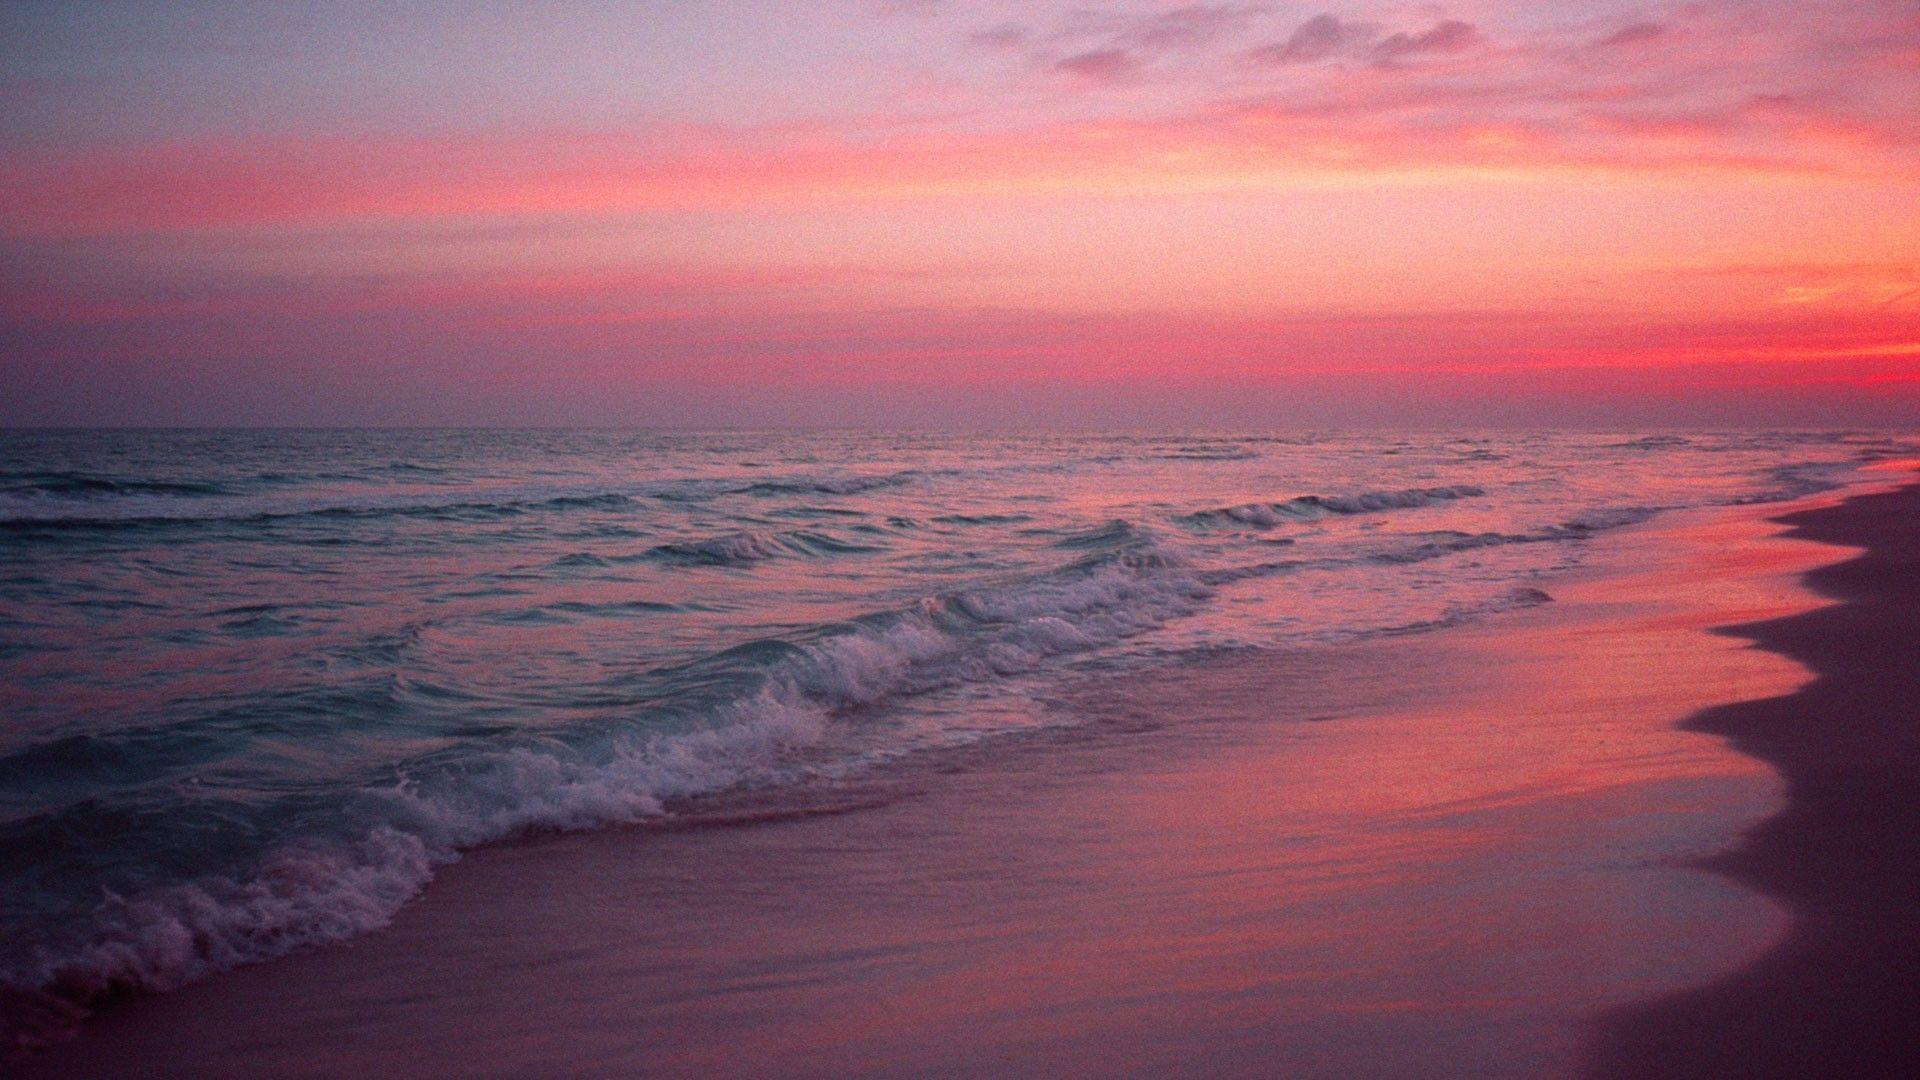 Pink Beach Sunset Wallpaper: Pink Beach 14 Wallpaper Background Hd